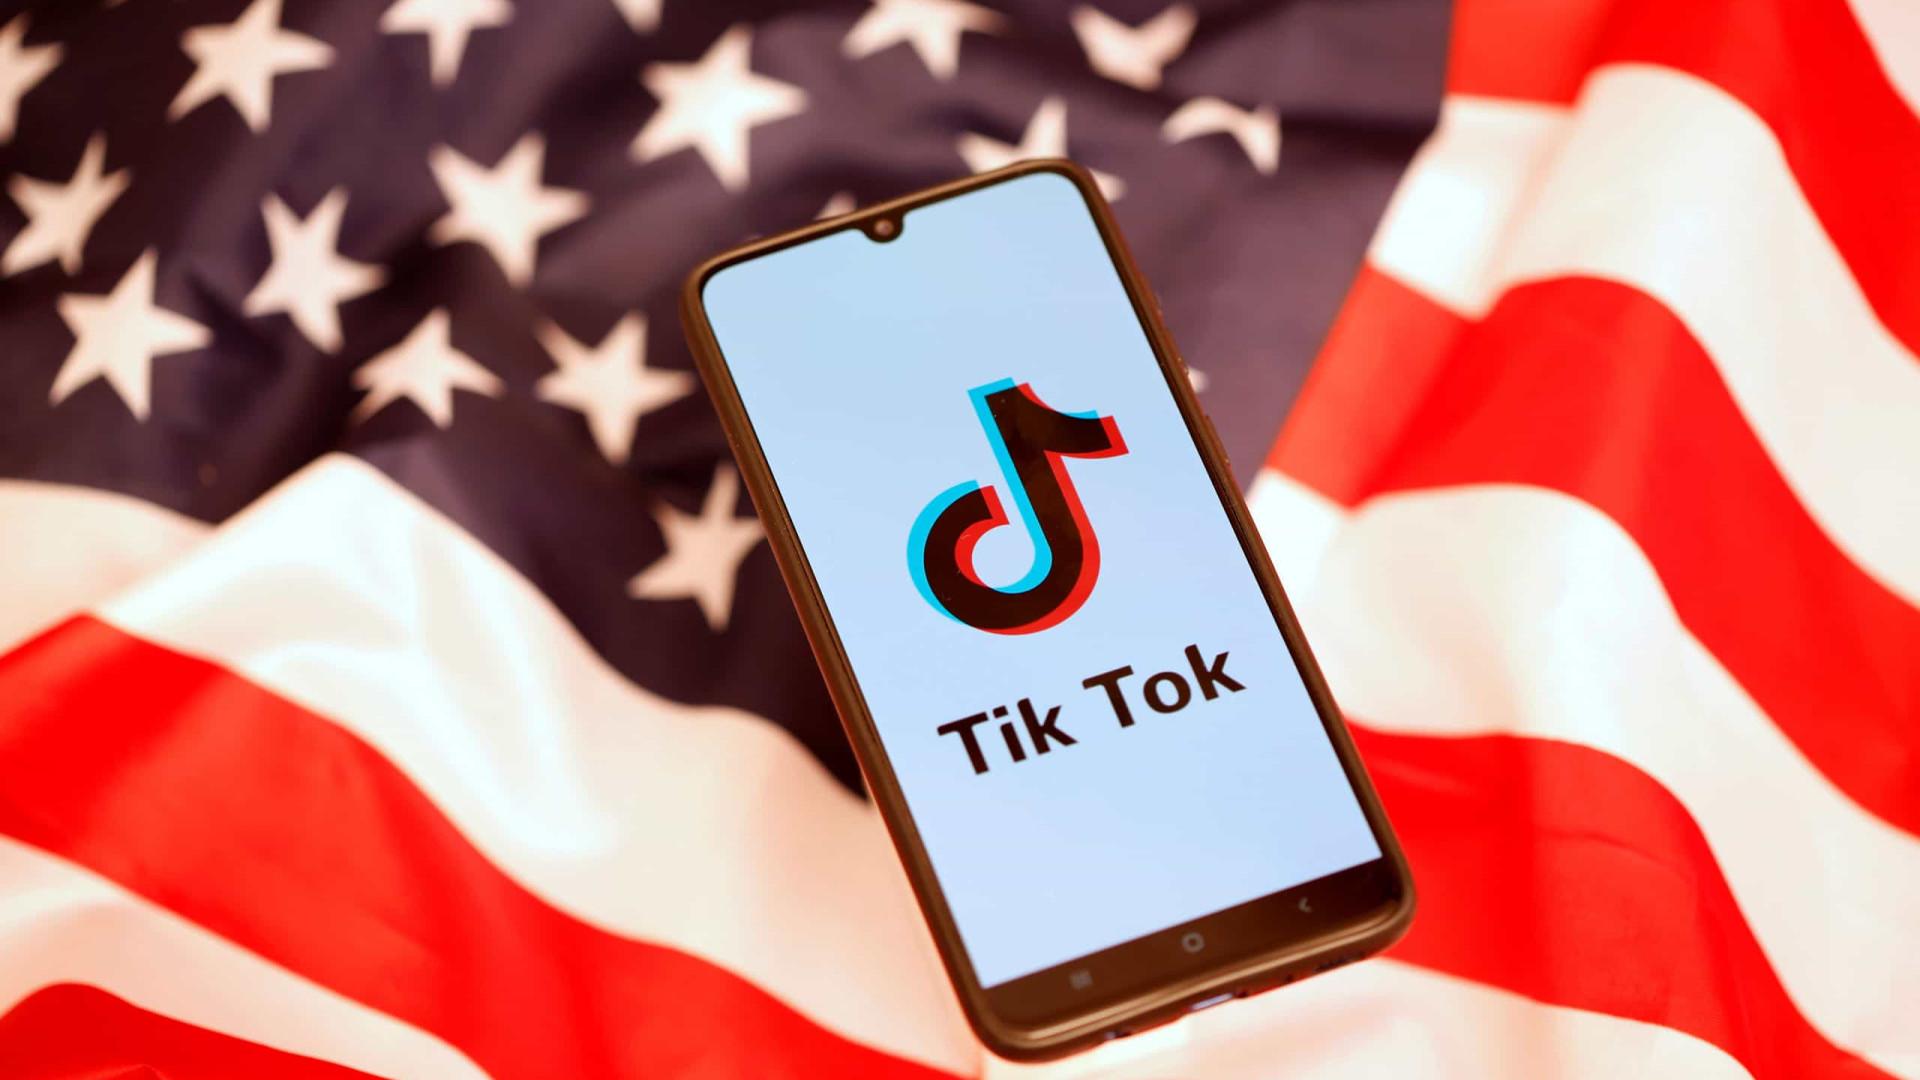 EUA podem bloquear TikTok nas próximas semanas